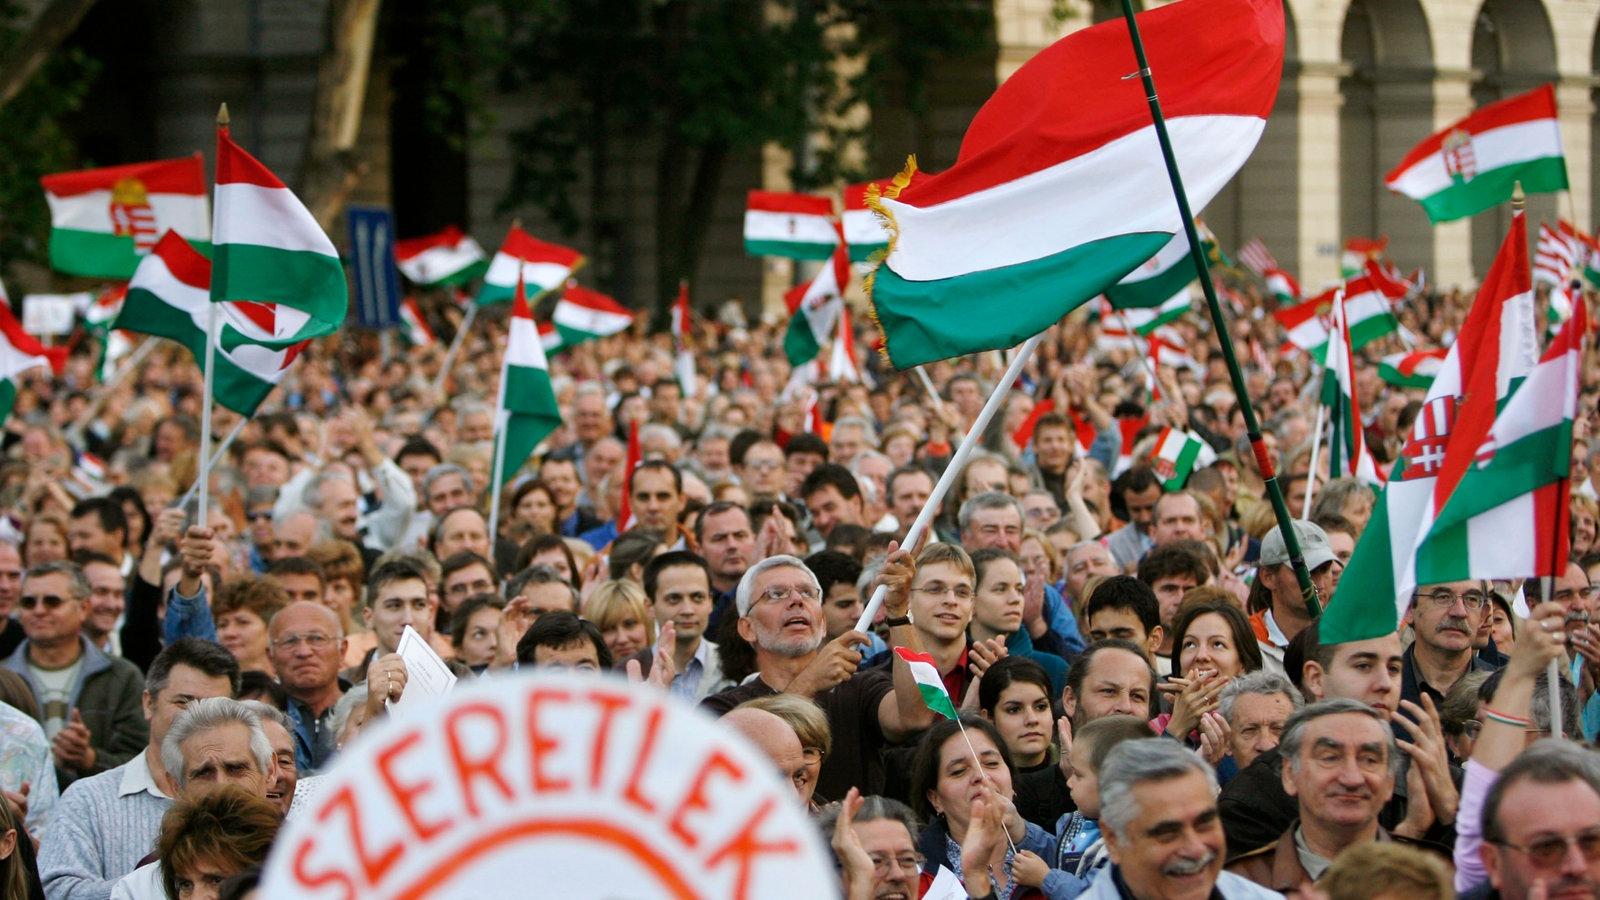 Sendung-vom-25-01-2021-Ungarn-Zwischen-Puszta-Paprika-und-Populismus